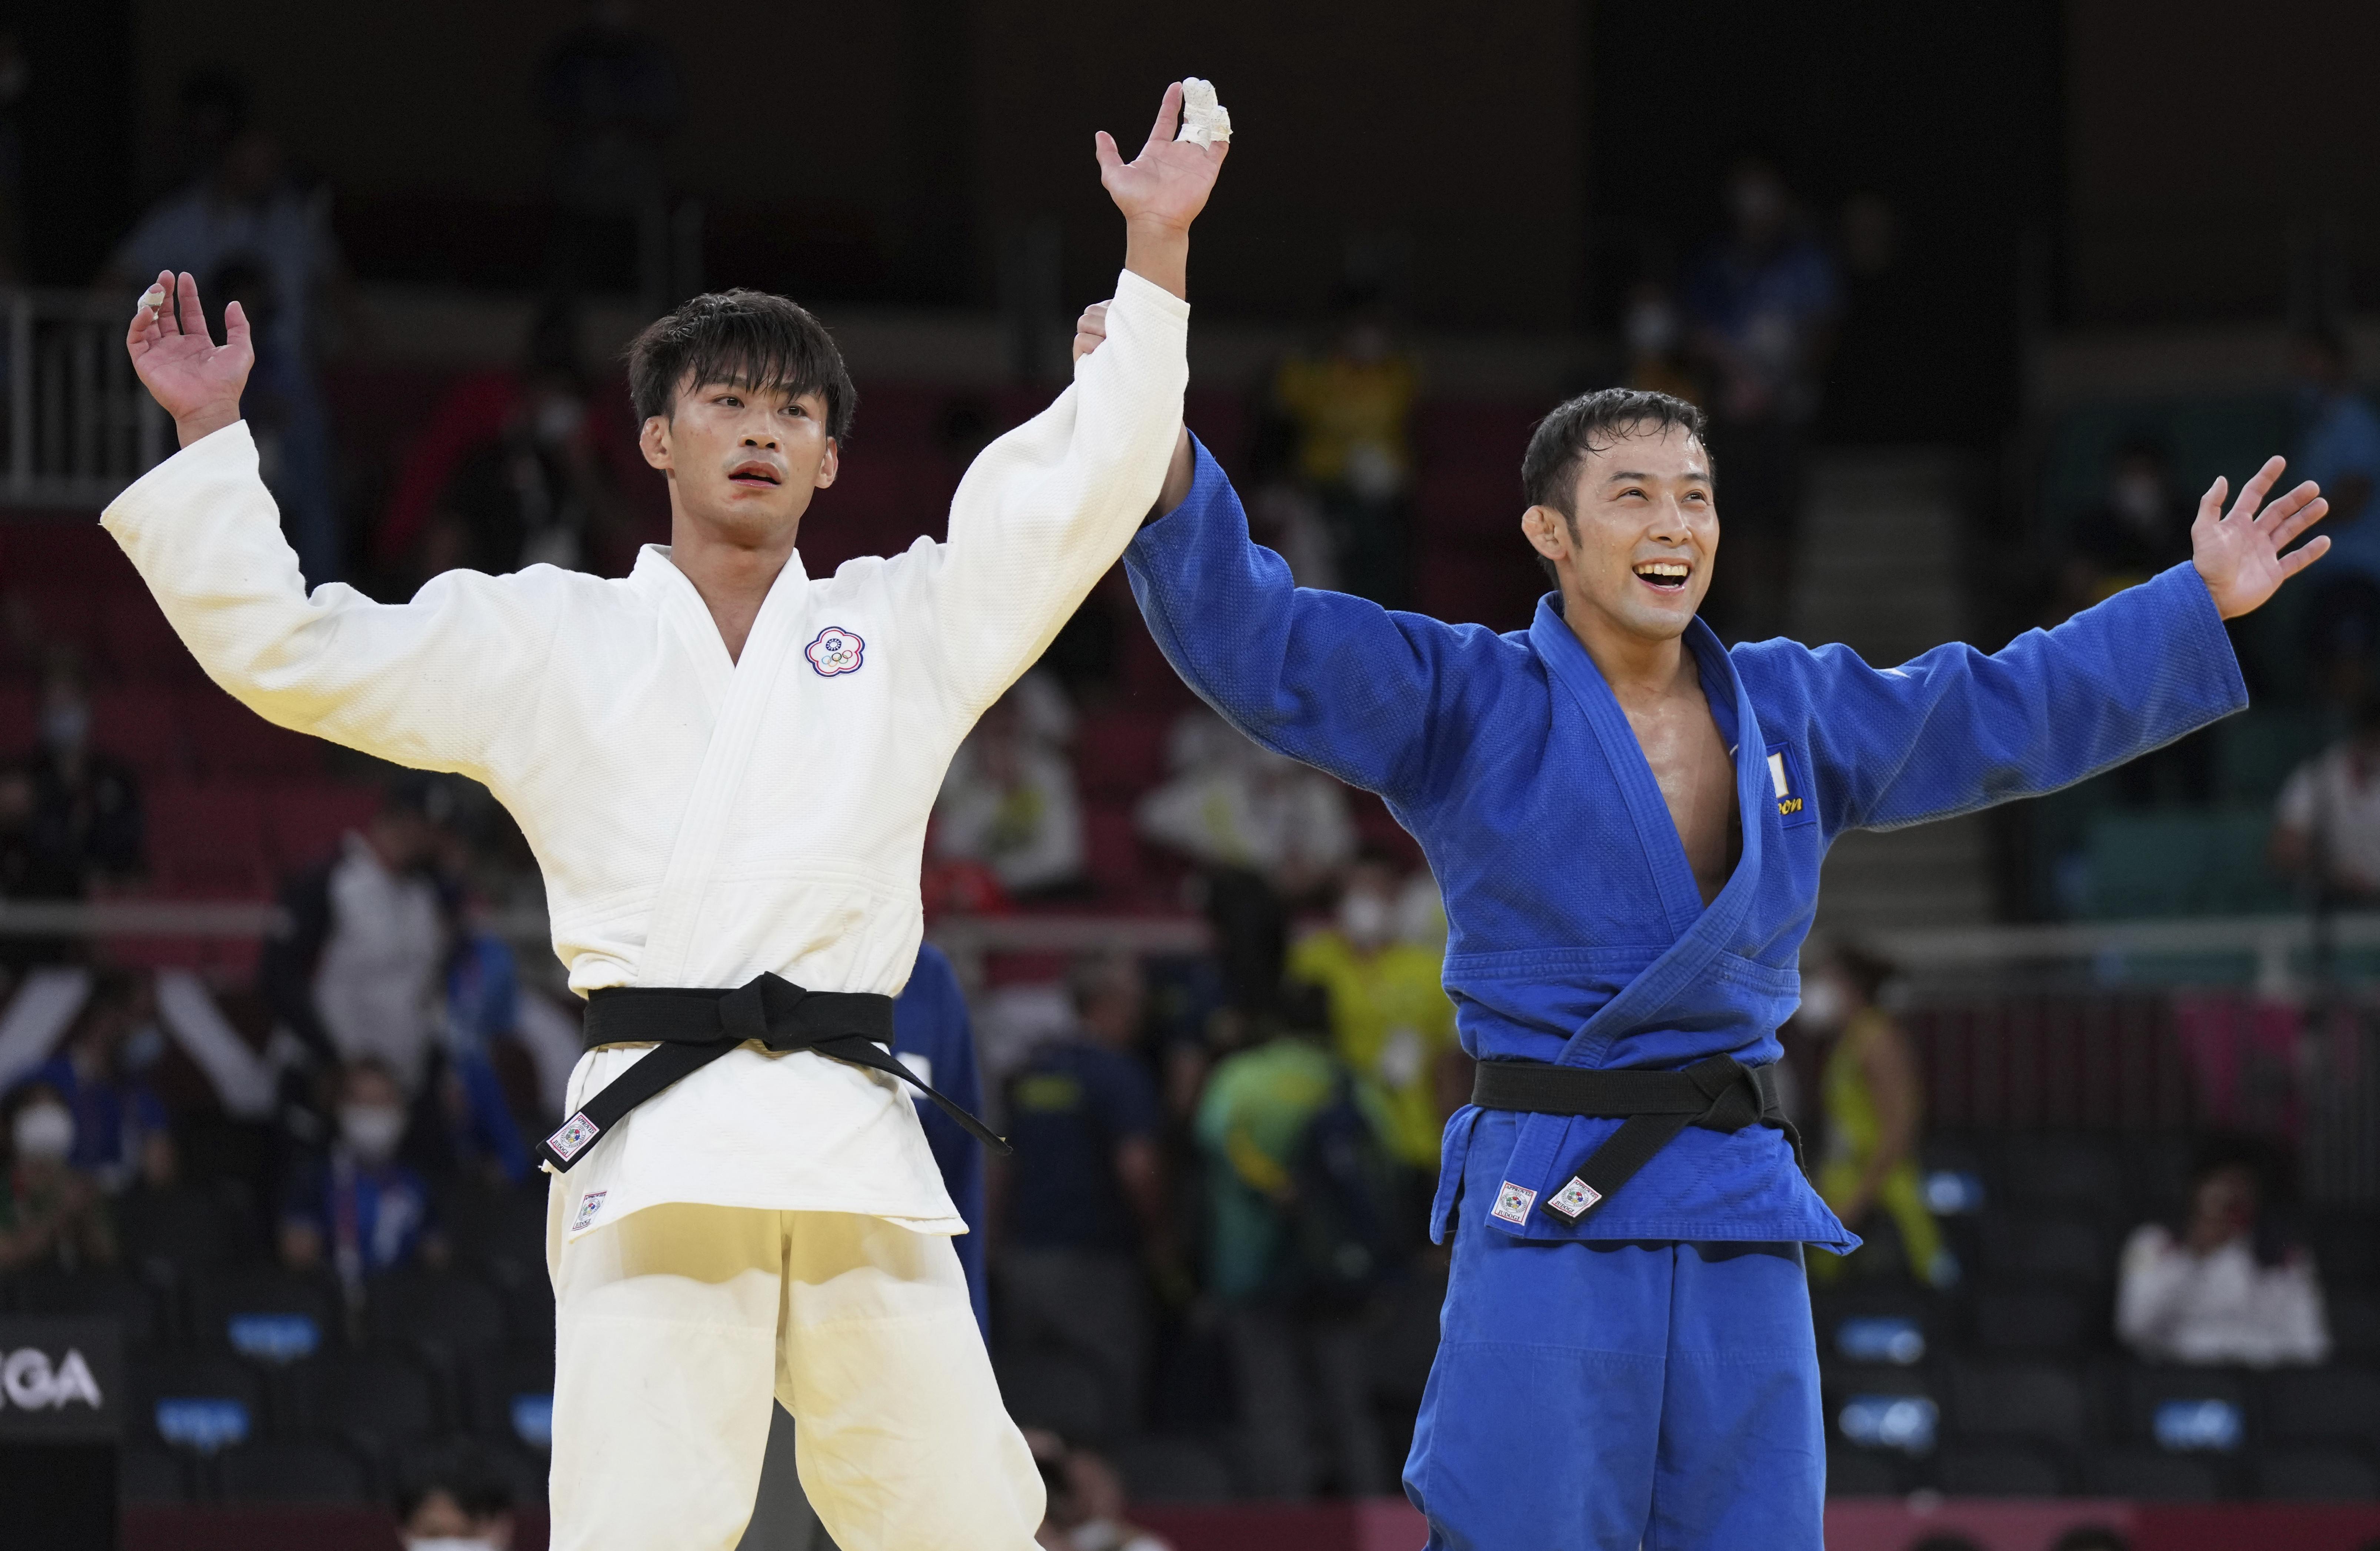 東京奧運,楊勇緯,體育,足球,梅西,網球,文化